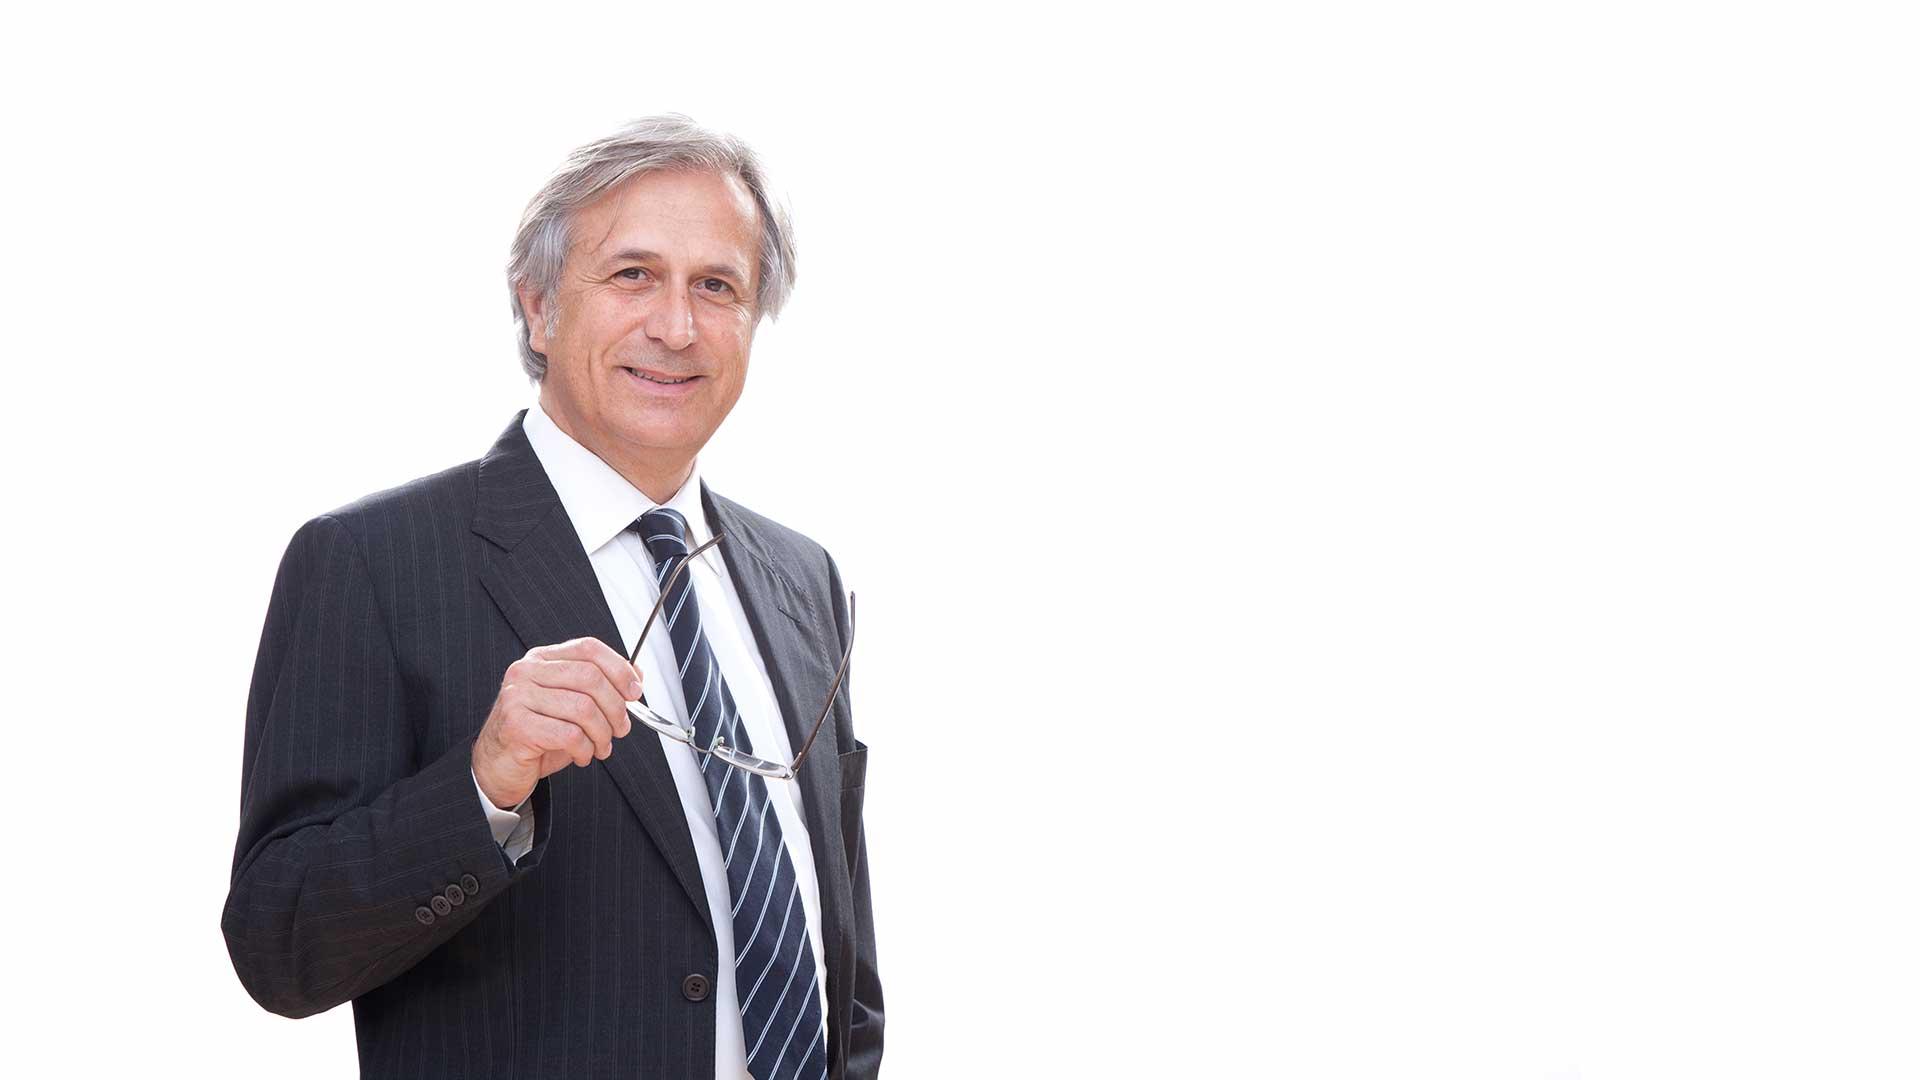 directeur-directie-ceo-strategie-strategisch-advies-consultant-consultants-duurzaam-verbeteren-verbetering-procesverbetering-logisiek-vastgoed-ict